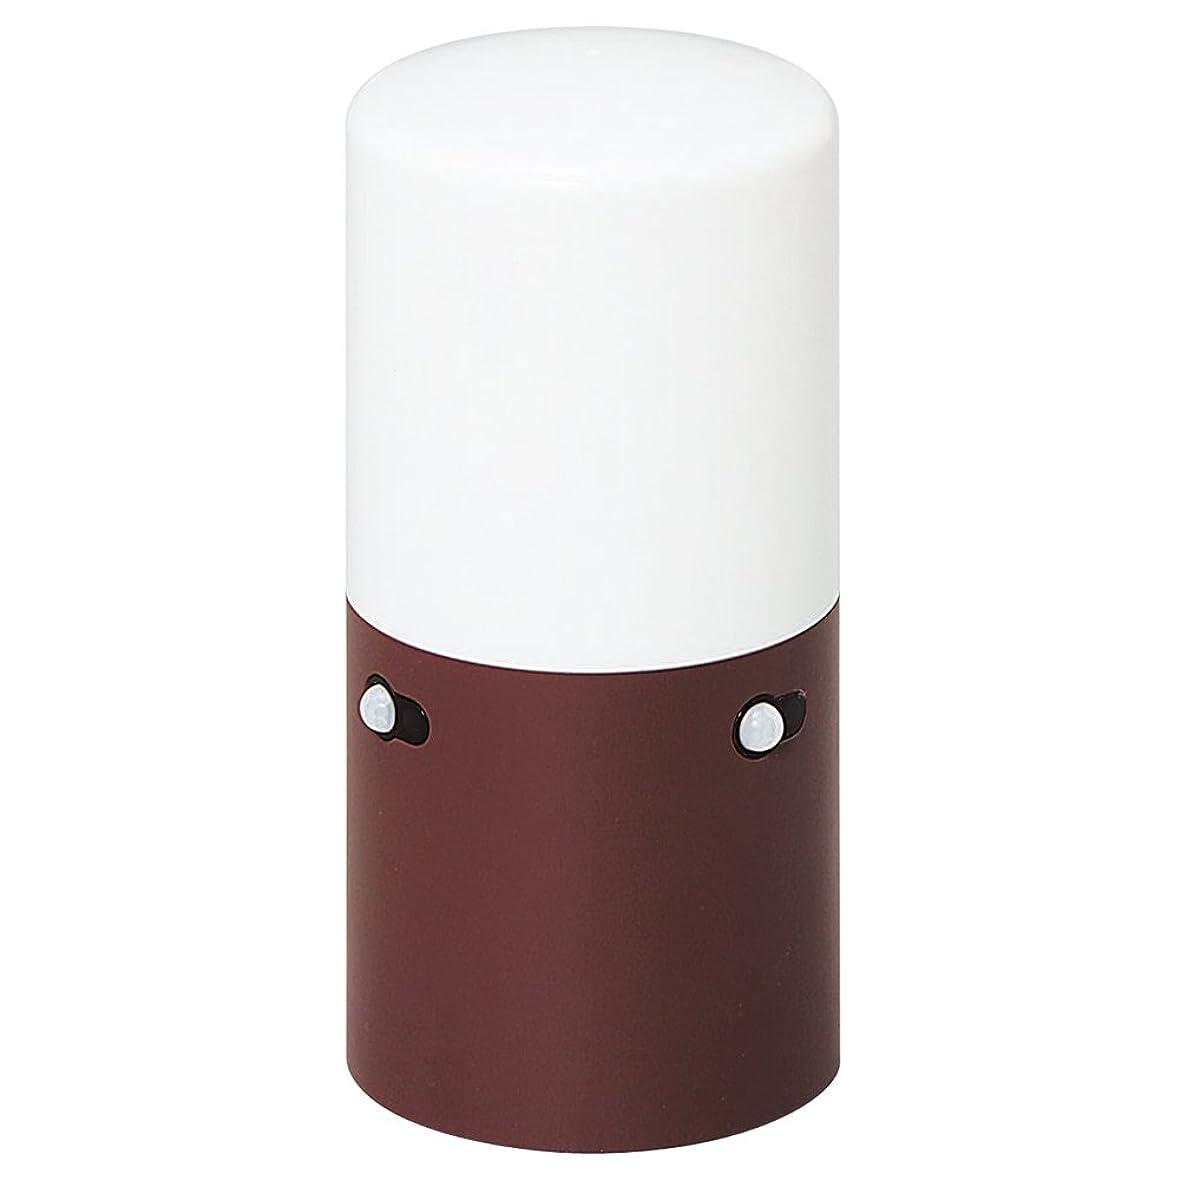 どんなときも保存保証するアイリスオーヤマ センサーライト スリム ガーデン ブラウン LSL-MS1